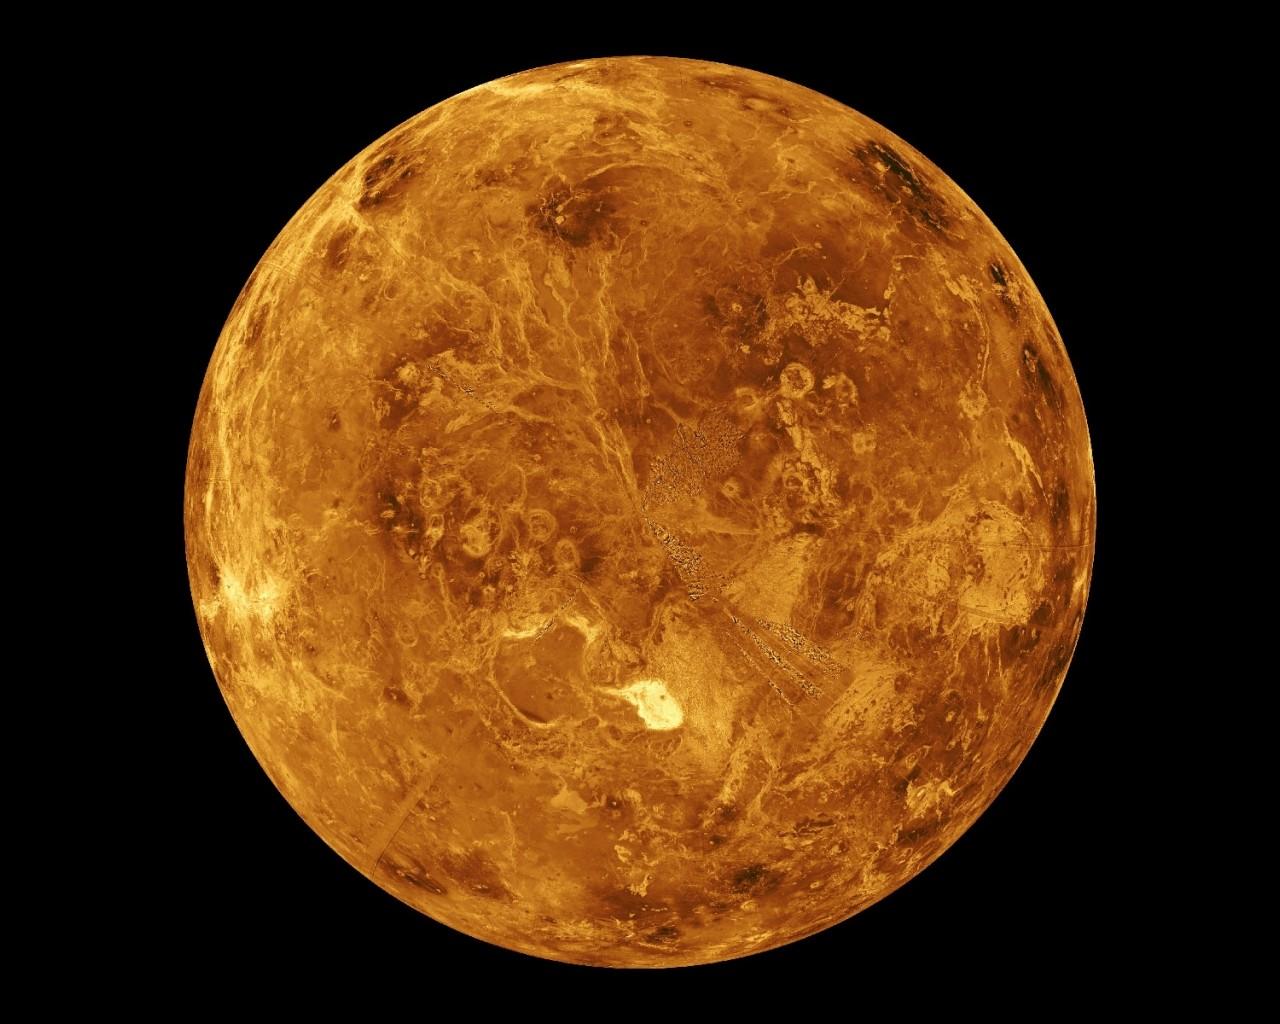 Обои для рабочего стола планеты венера